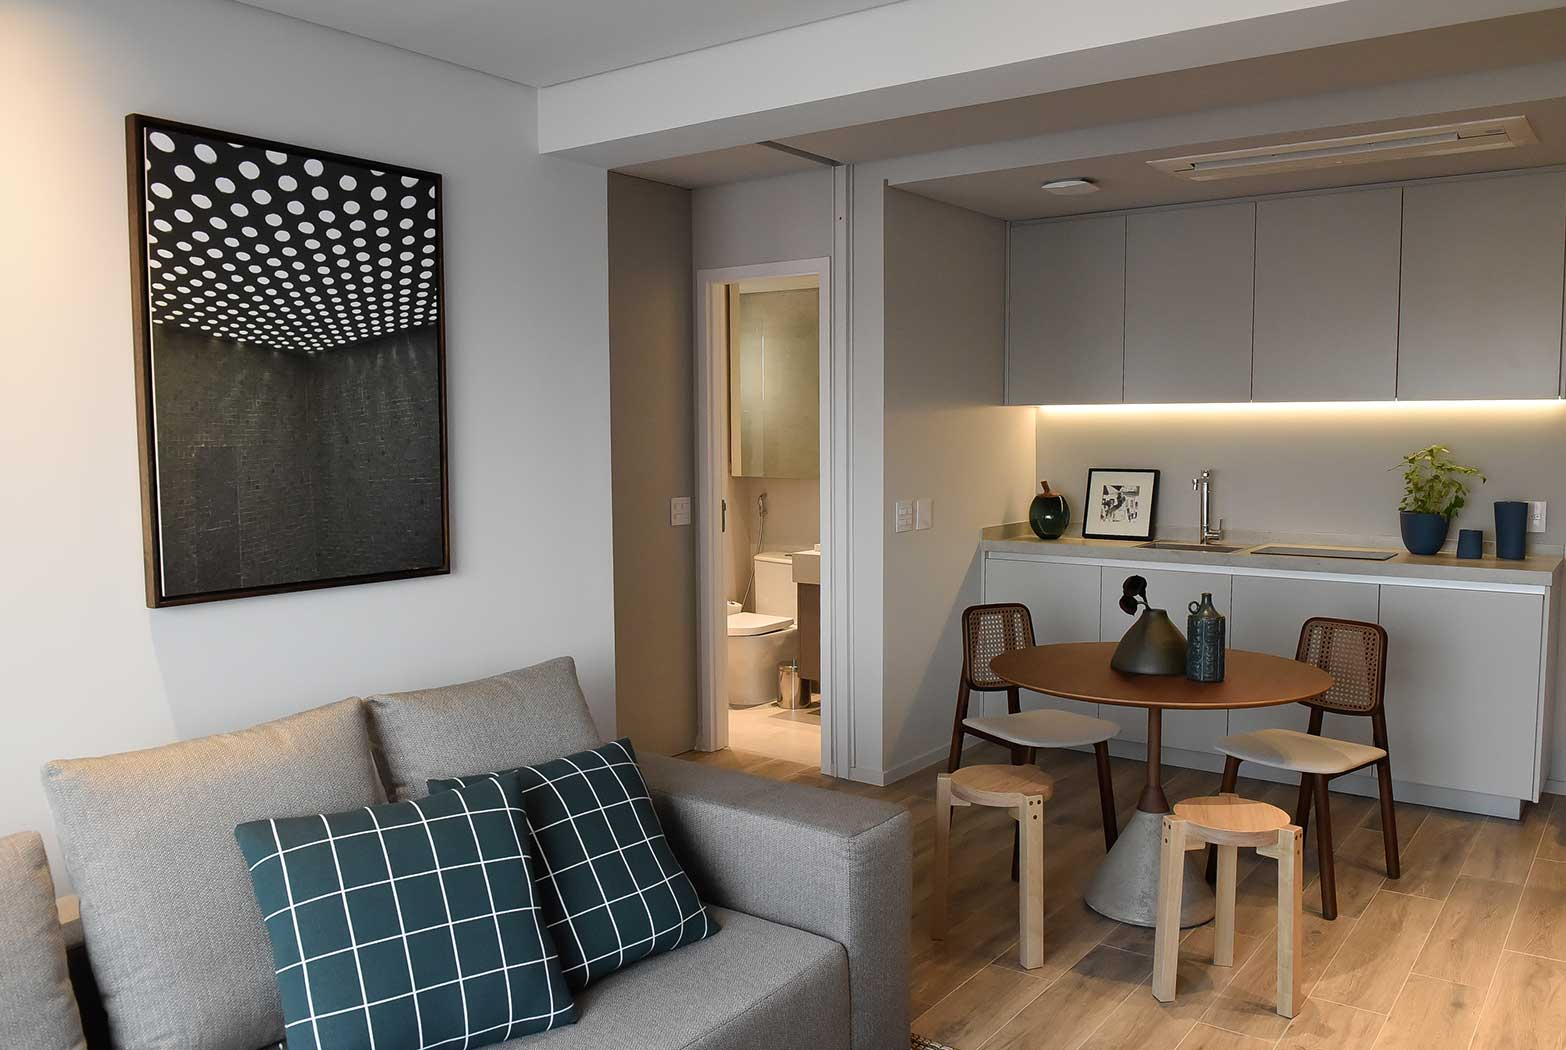 VO699 Apartamentos2 - VO699 EN